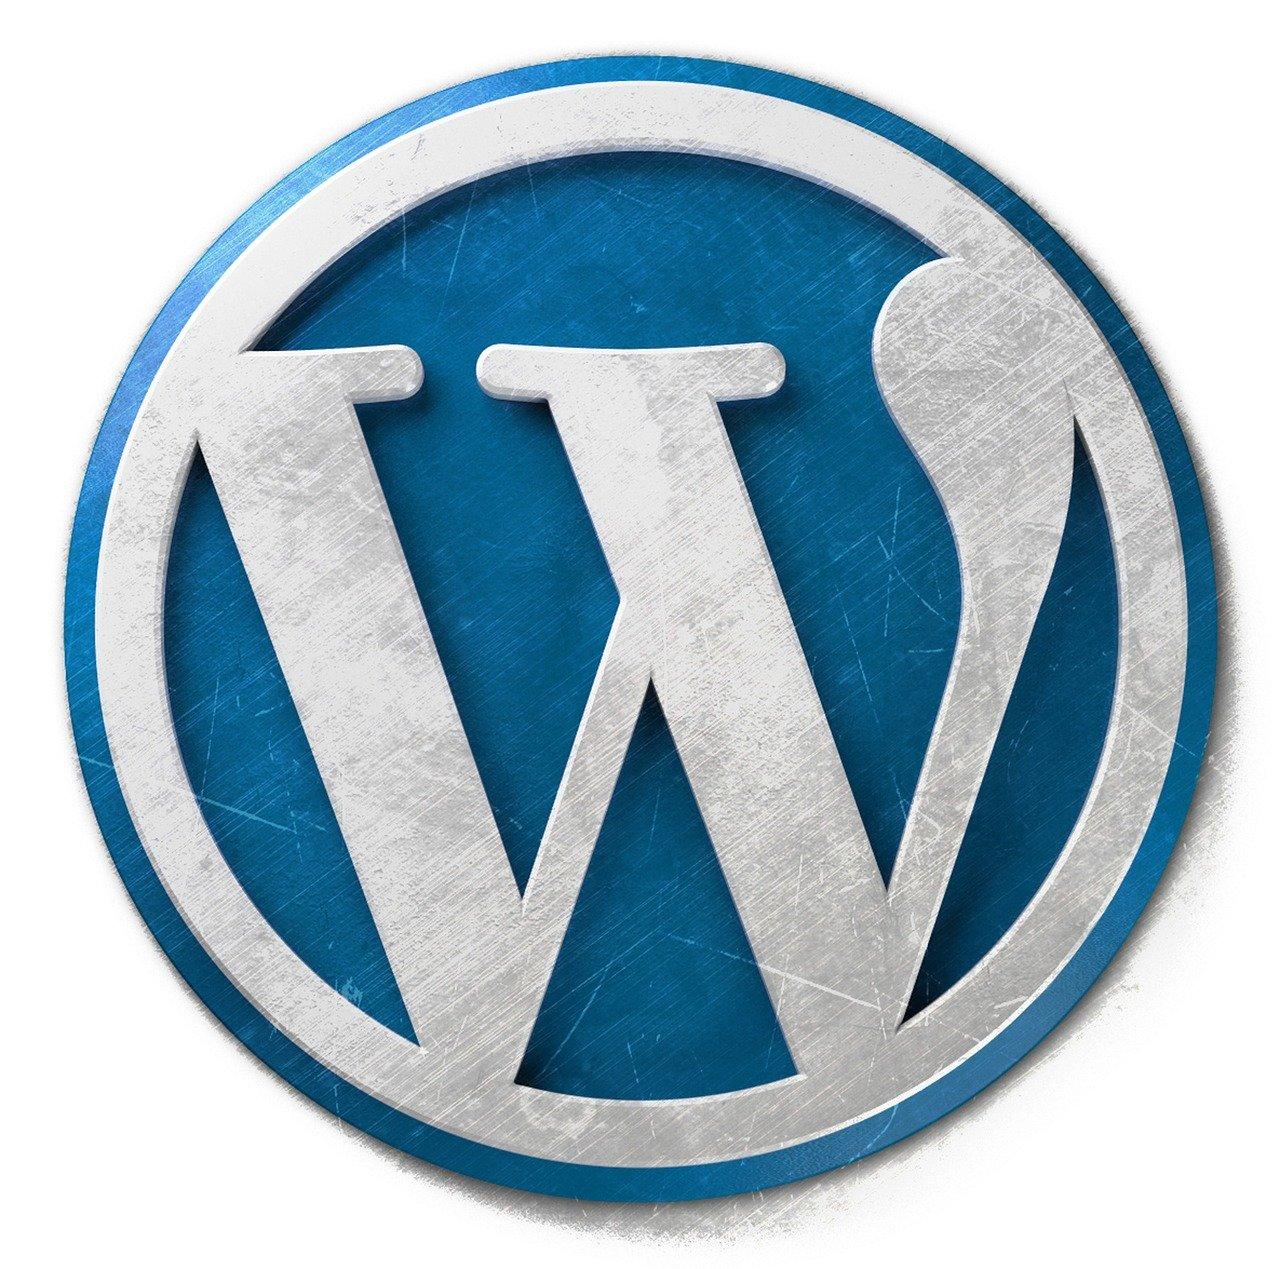 Création d'un site Internet Villeneuve-la-Garenne avec WordPress